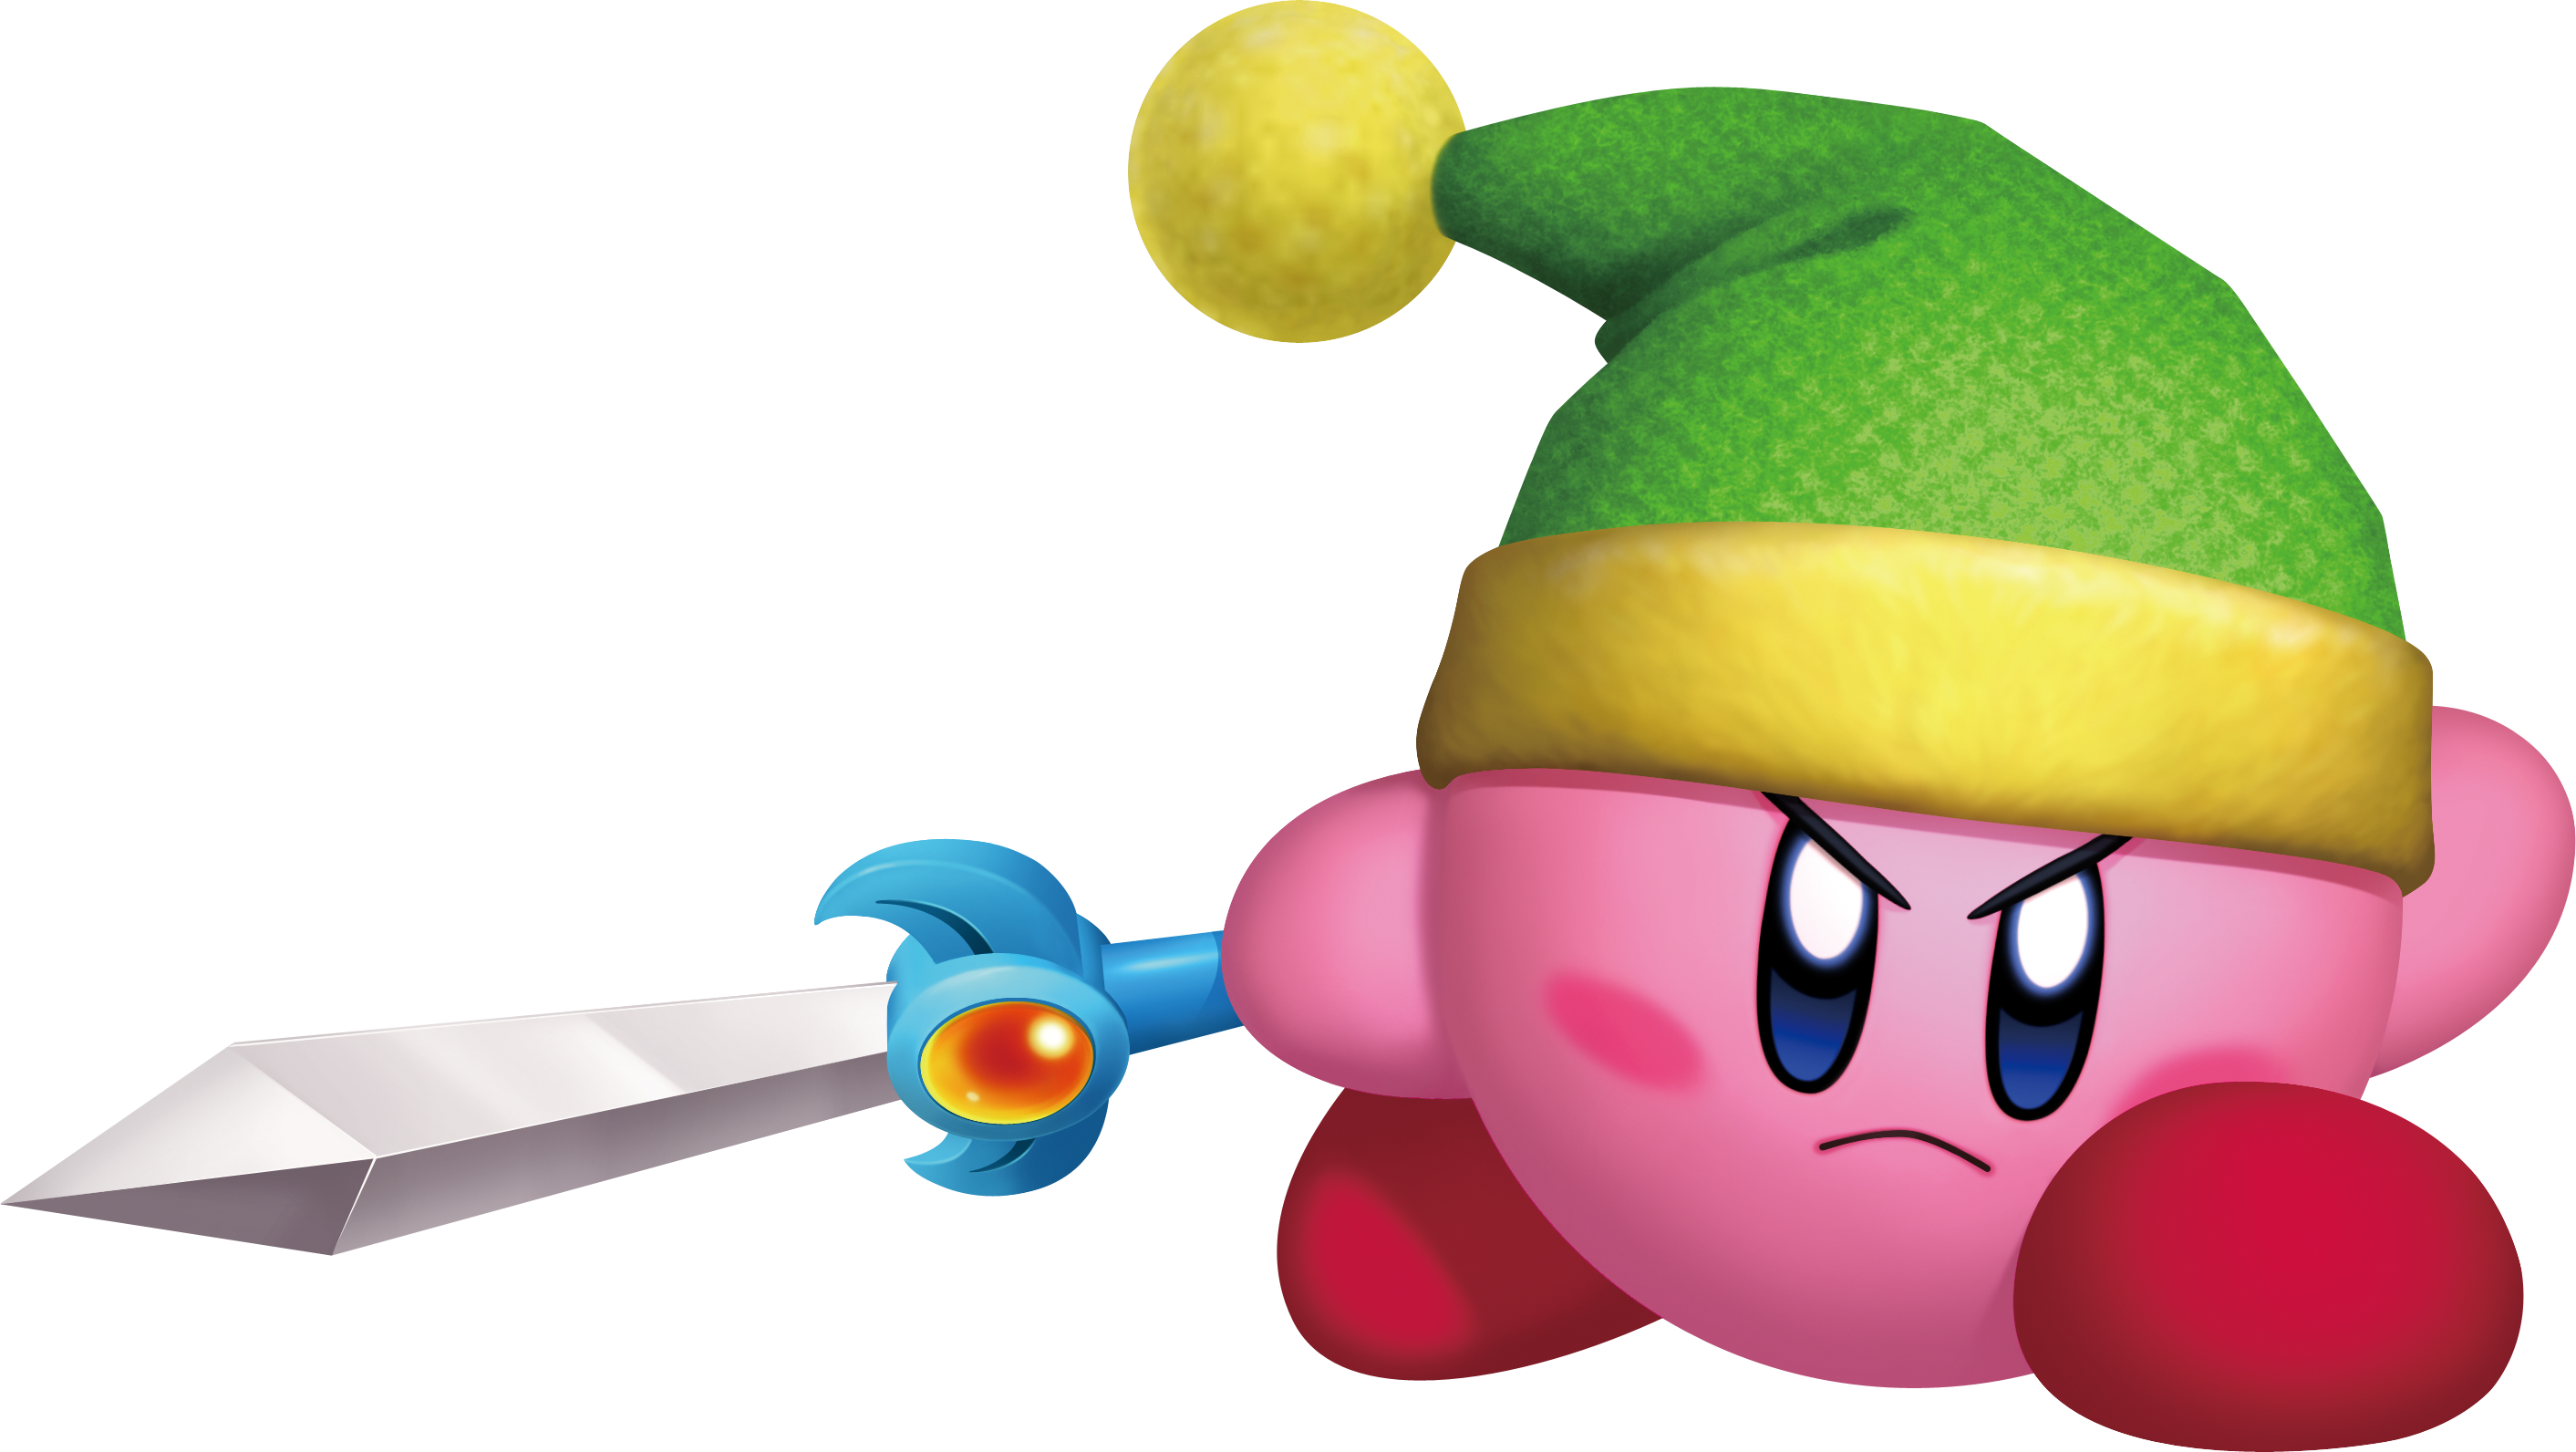 Sword - Kirby Wiki - The Kirby Encyclopedia